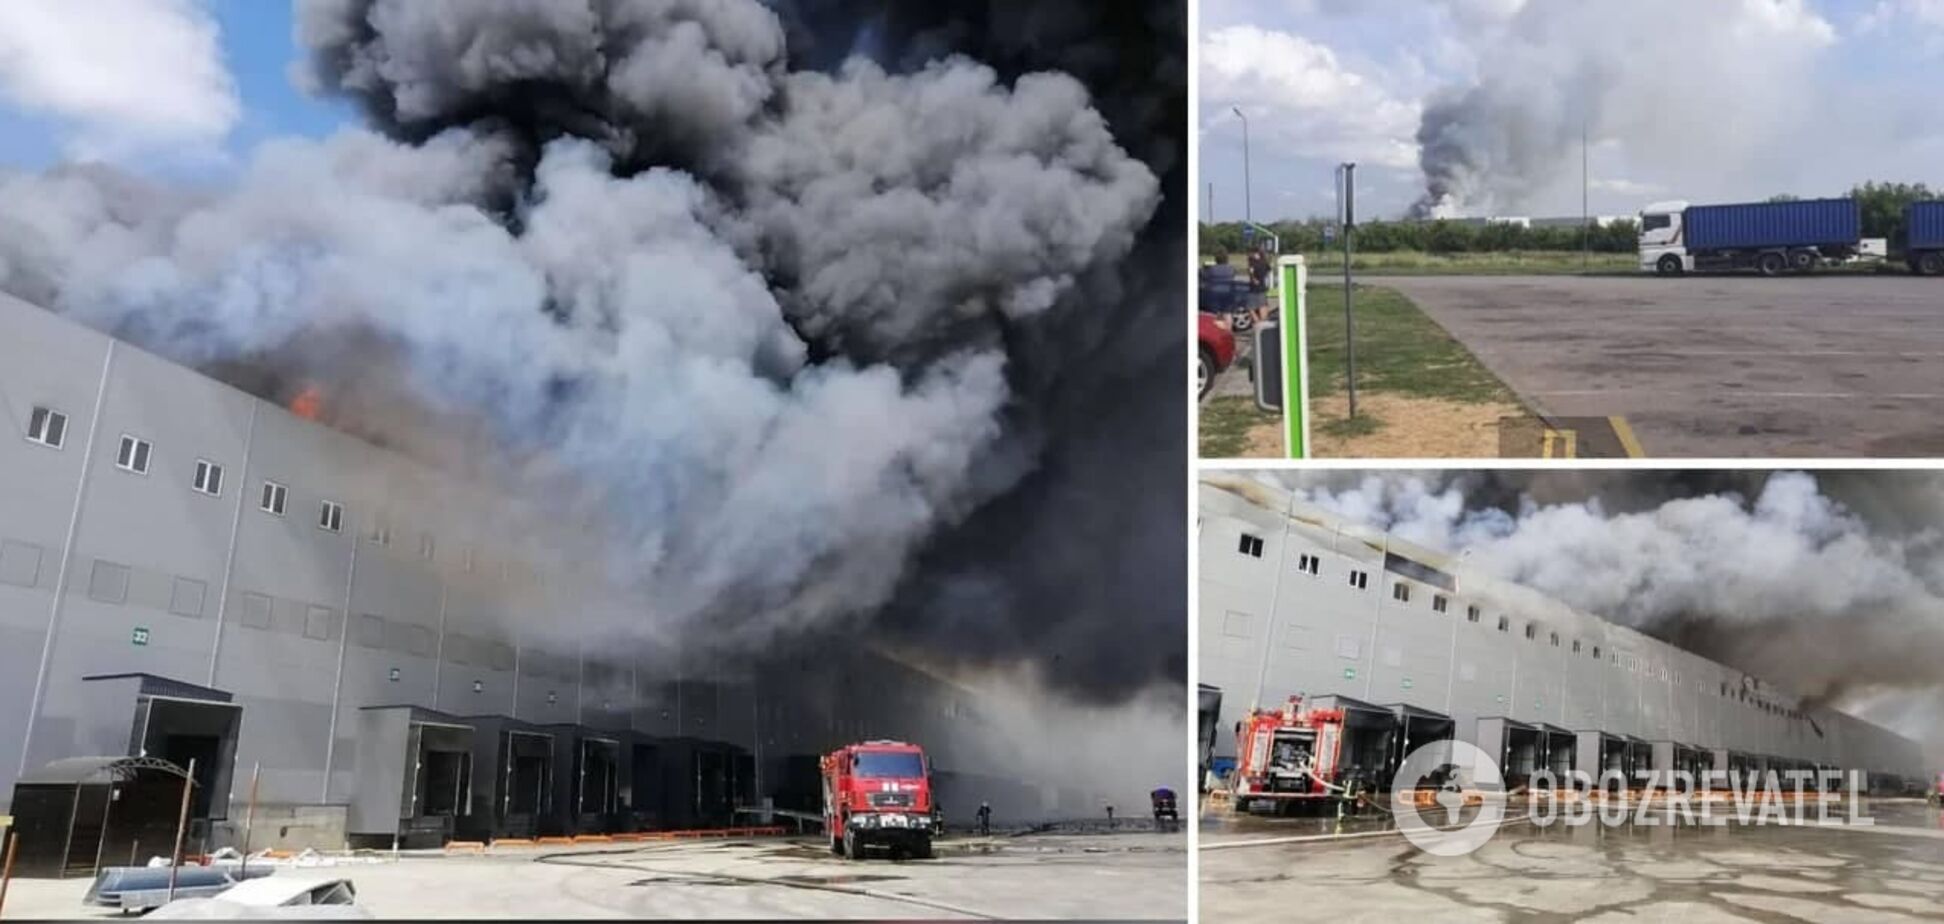 Под Одессой произошел масштабный пожар на складах: названа вероятная причина ЧП. Фото и видео